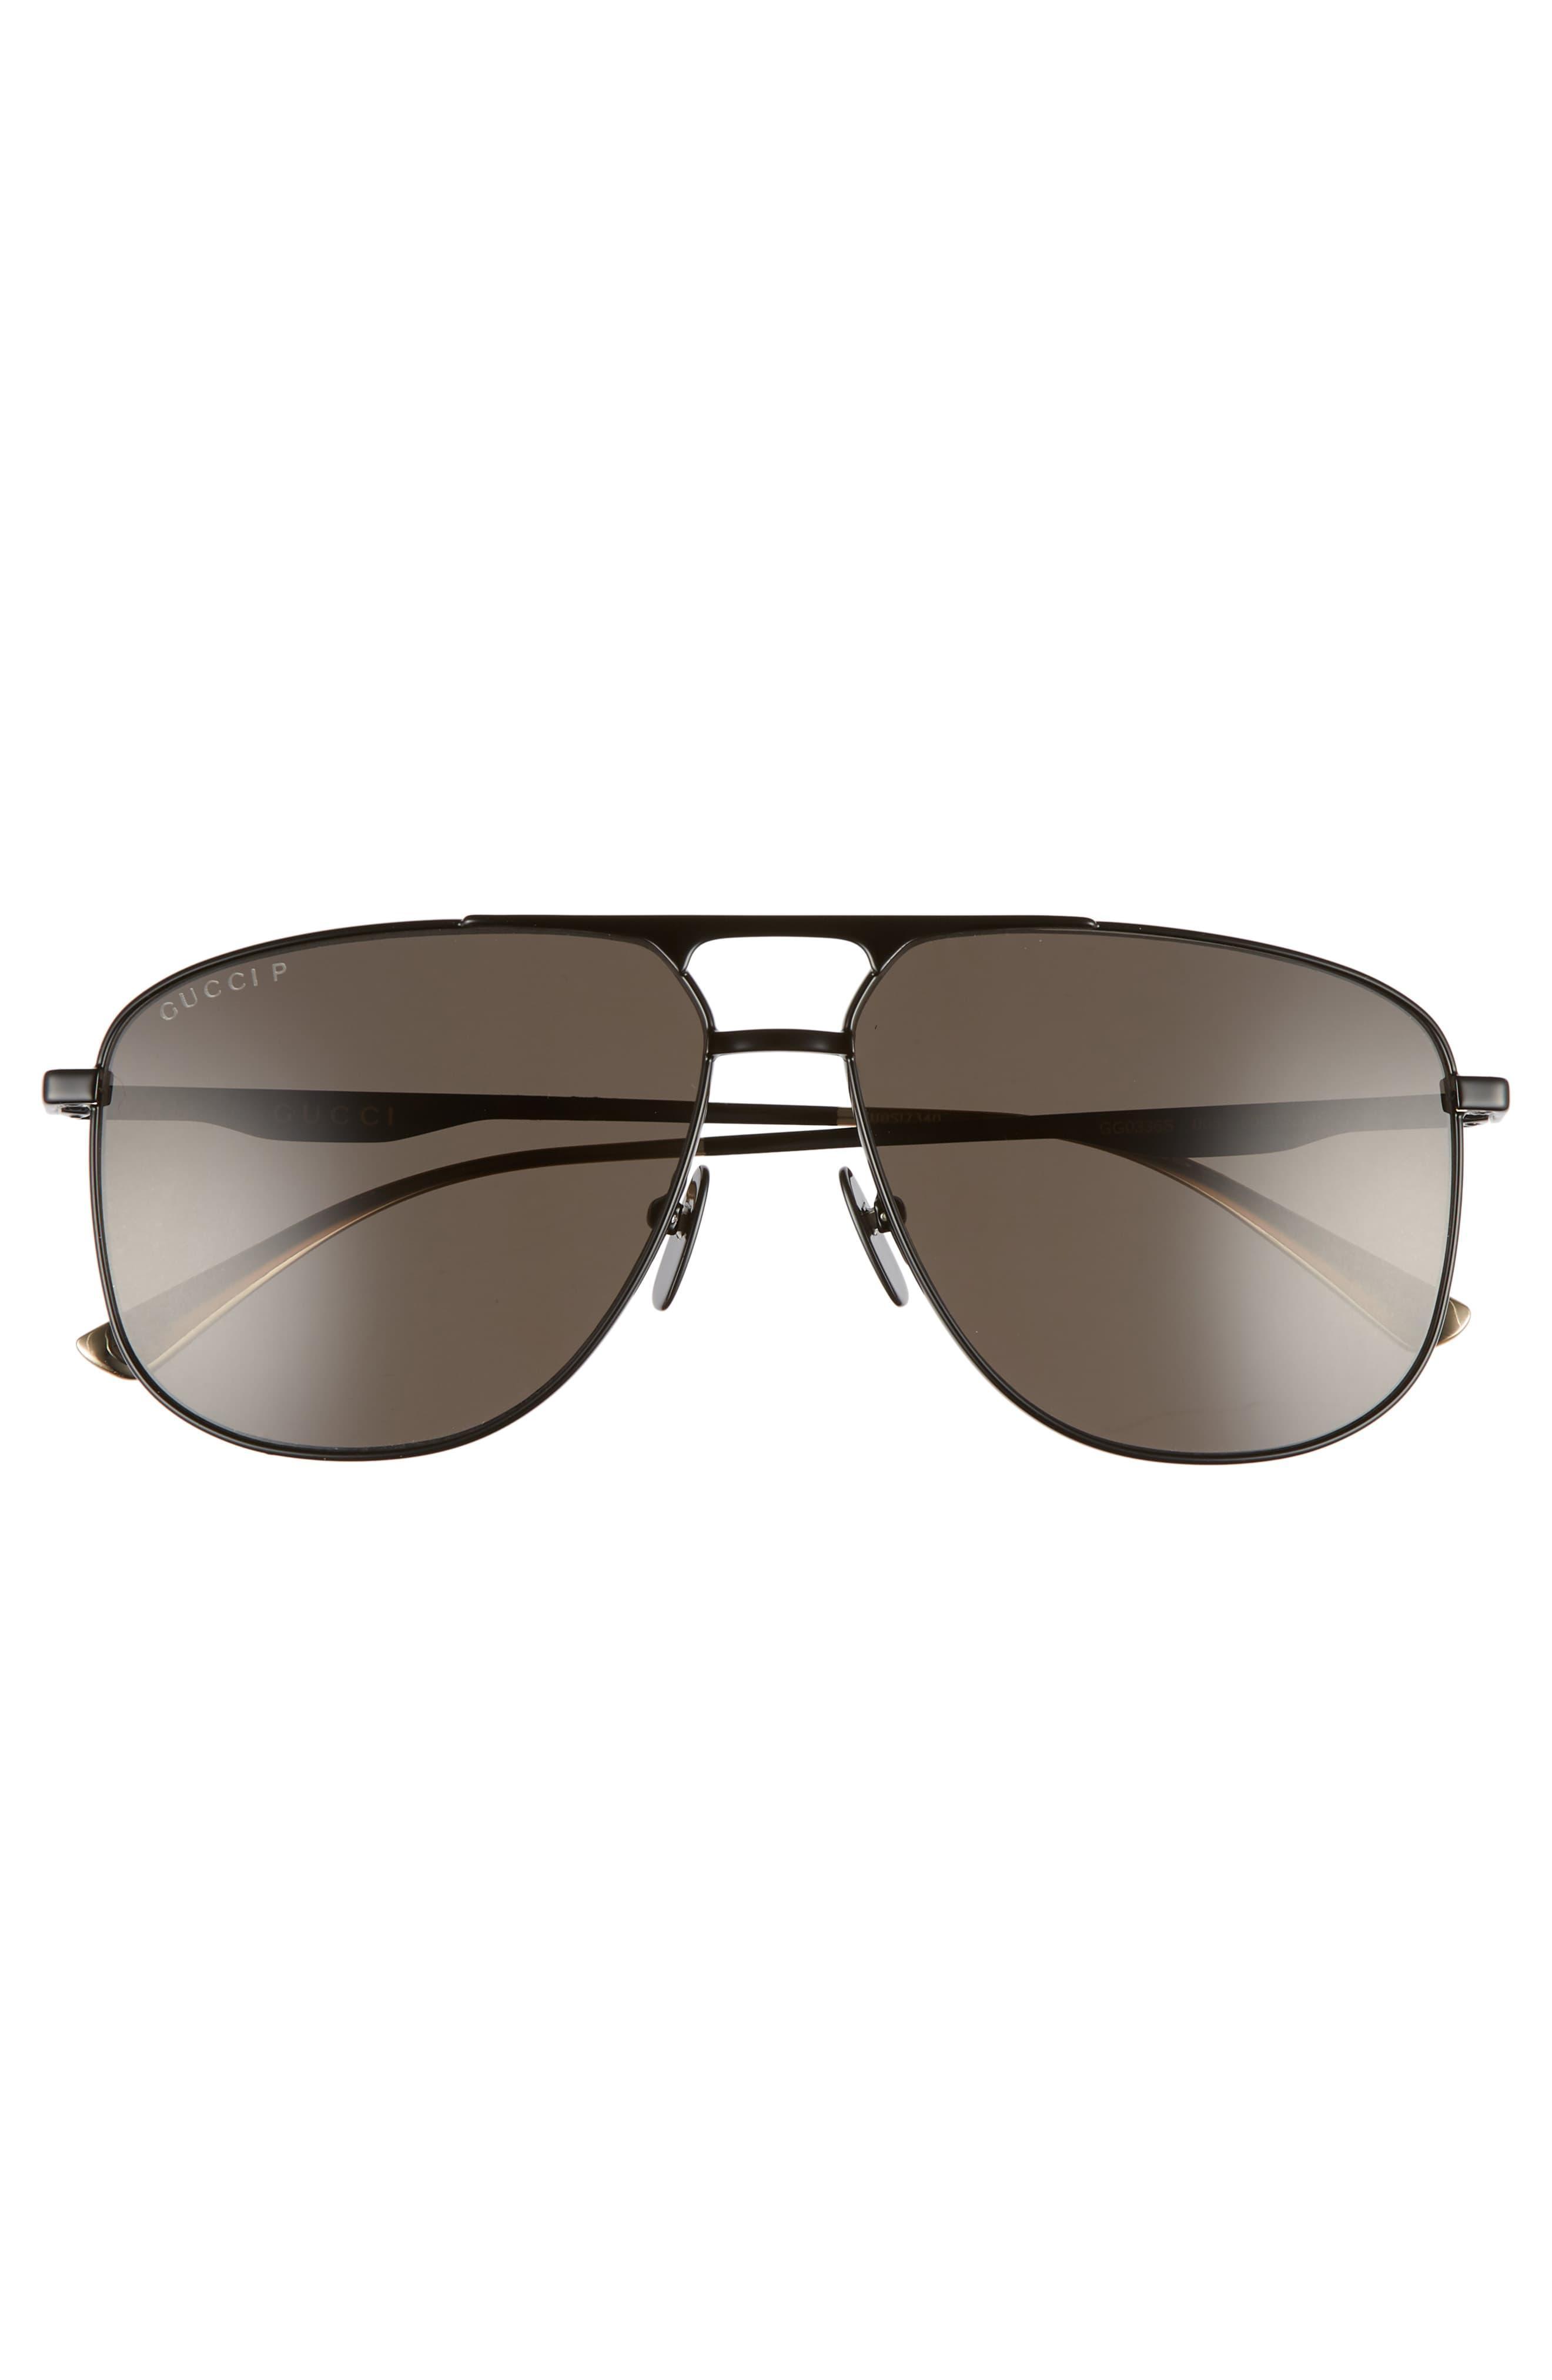 5f0e7e32c4 Gucci - Black 80s Monocolor 60mm Polarized Aviator Sunglasses for Men -  Lyst. View fullscreen